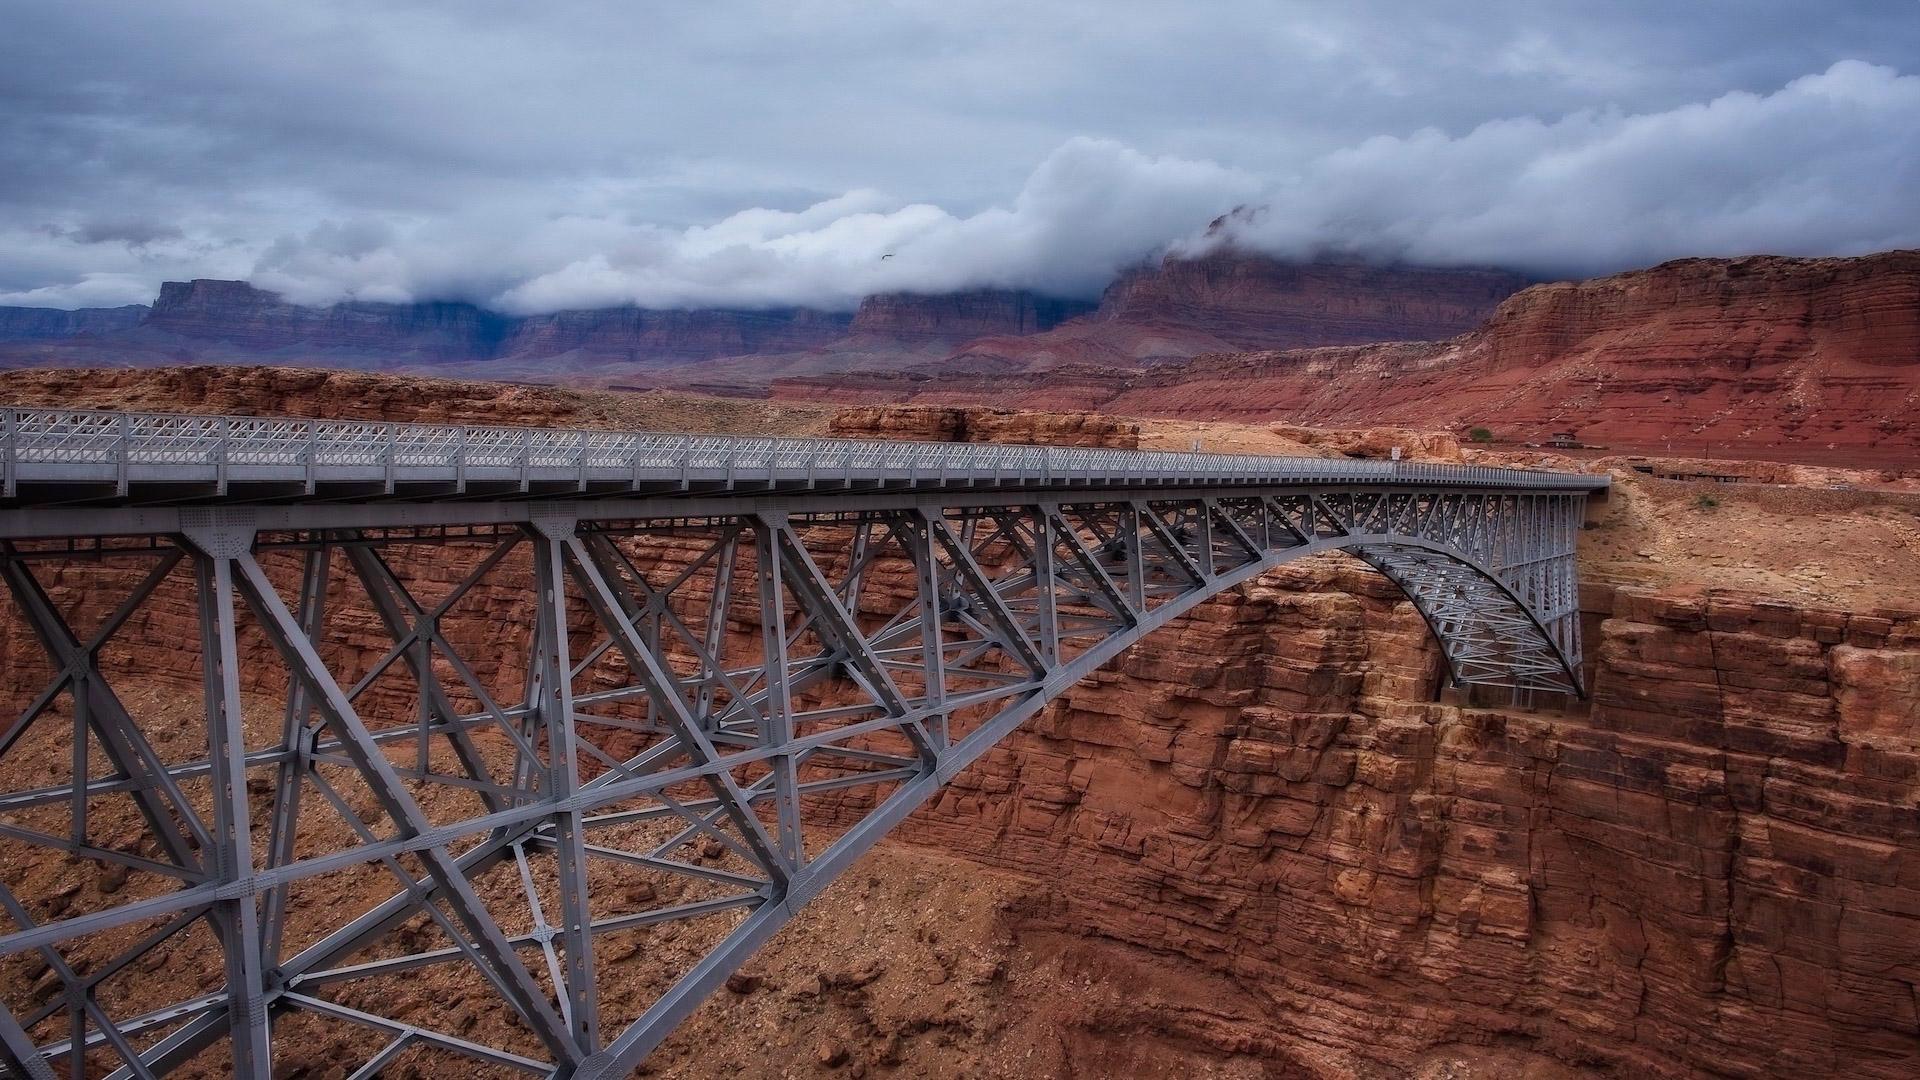 Open_Navajo Bridge_Max Biddlestone_Agr_Merit